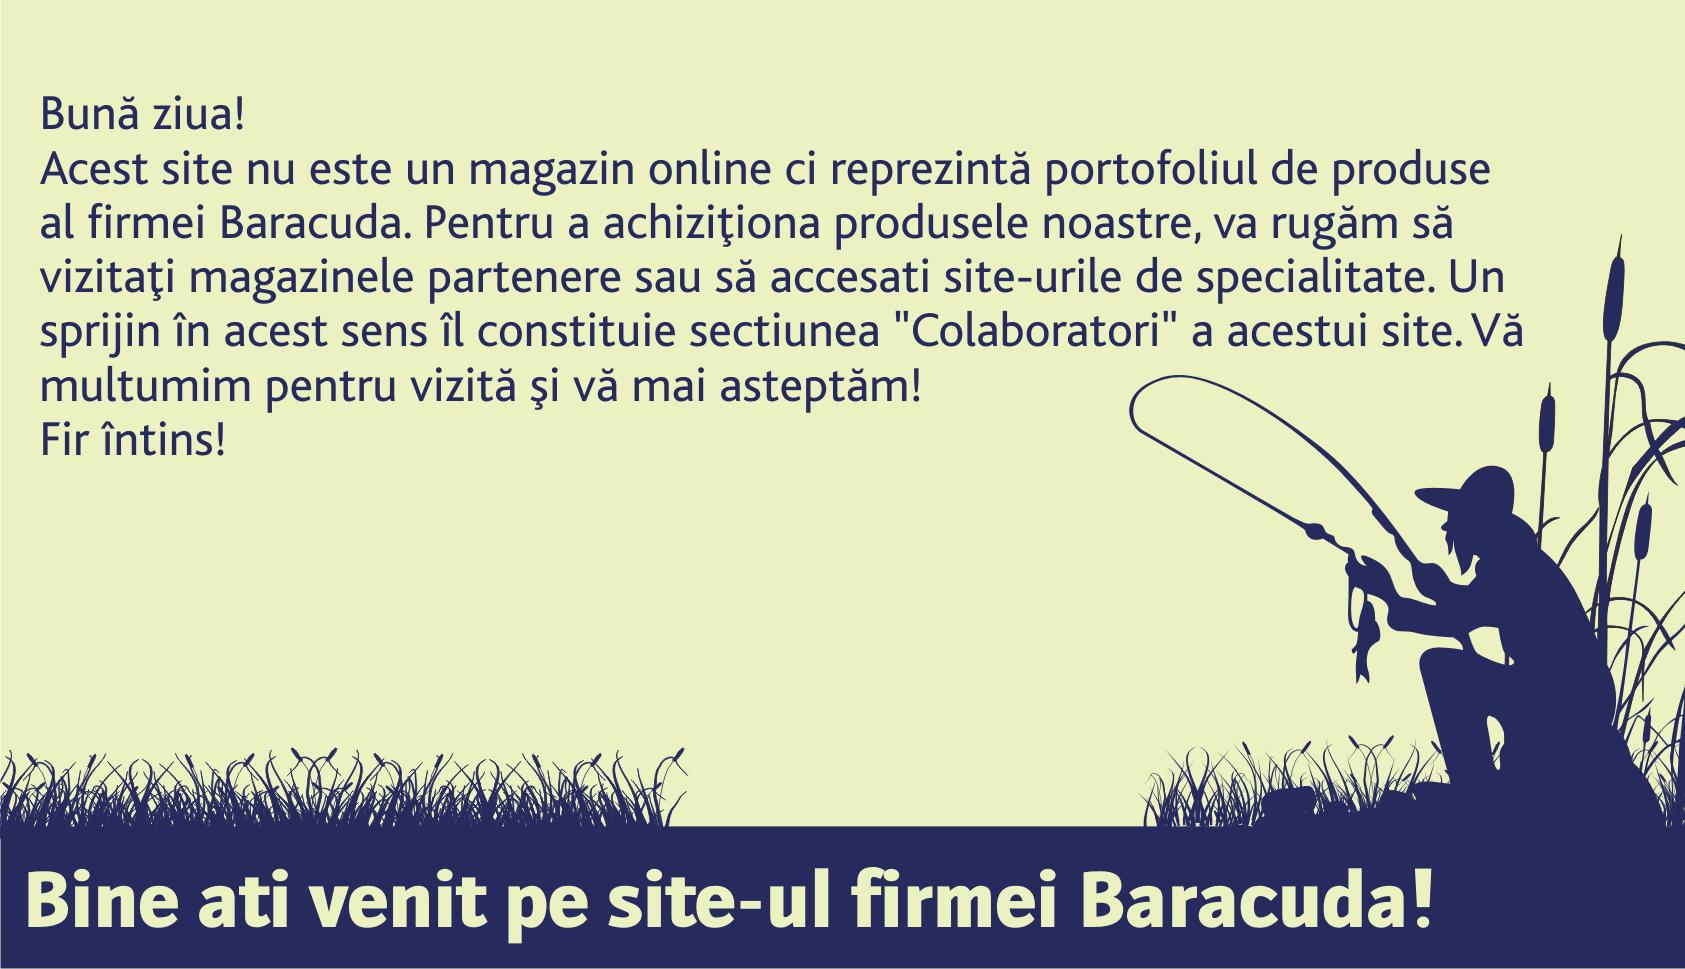 Bine ati venit pe site-ul firmei Baracuda!